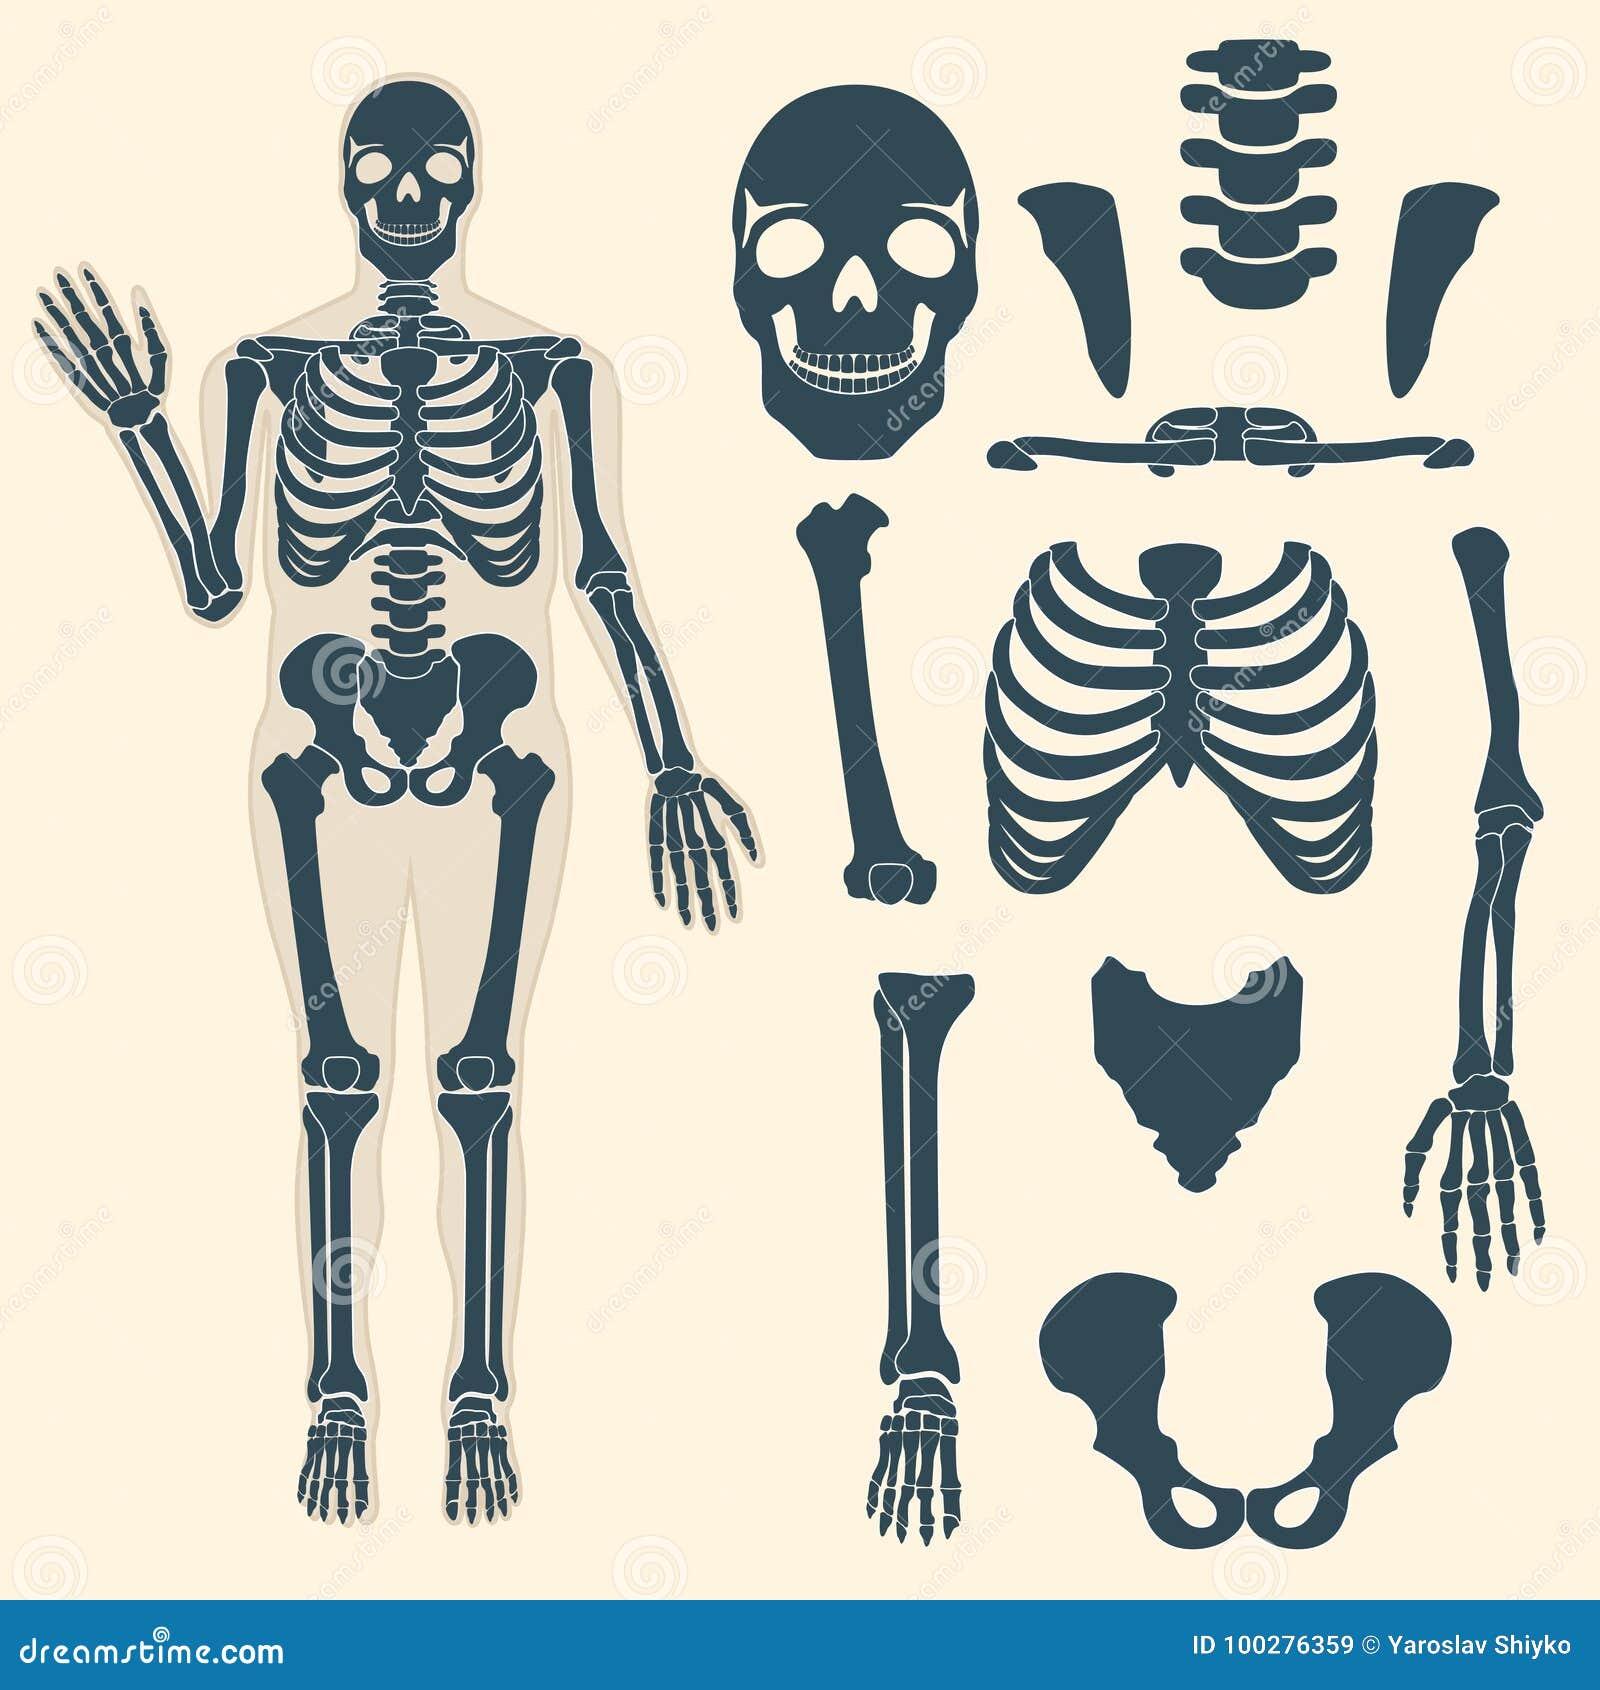 Squelette humain avec différentes pièces Anatomie de corps humain, poignet et thorax, coffre, doigt et crâne, mâchoire et bassin